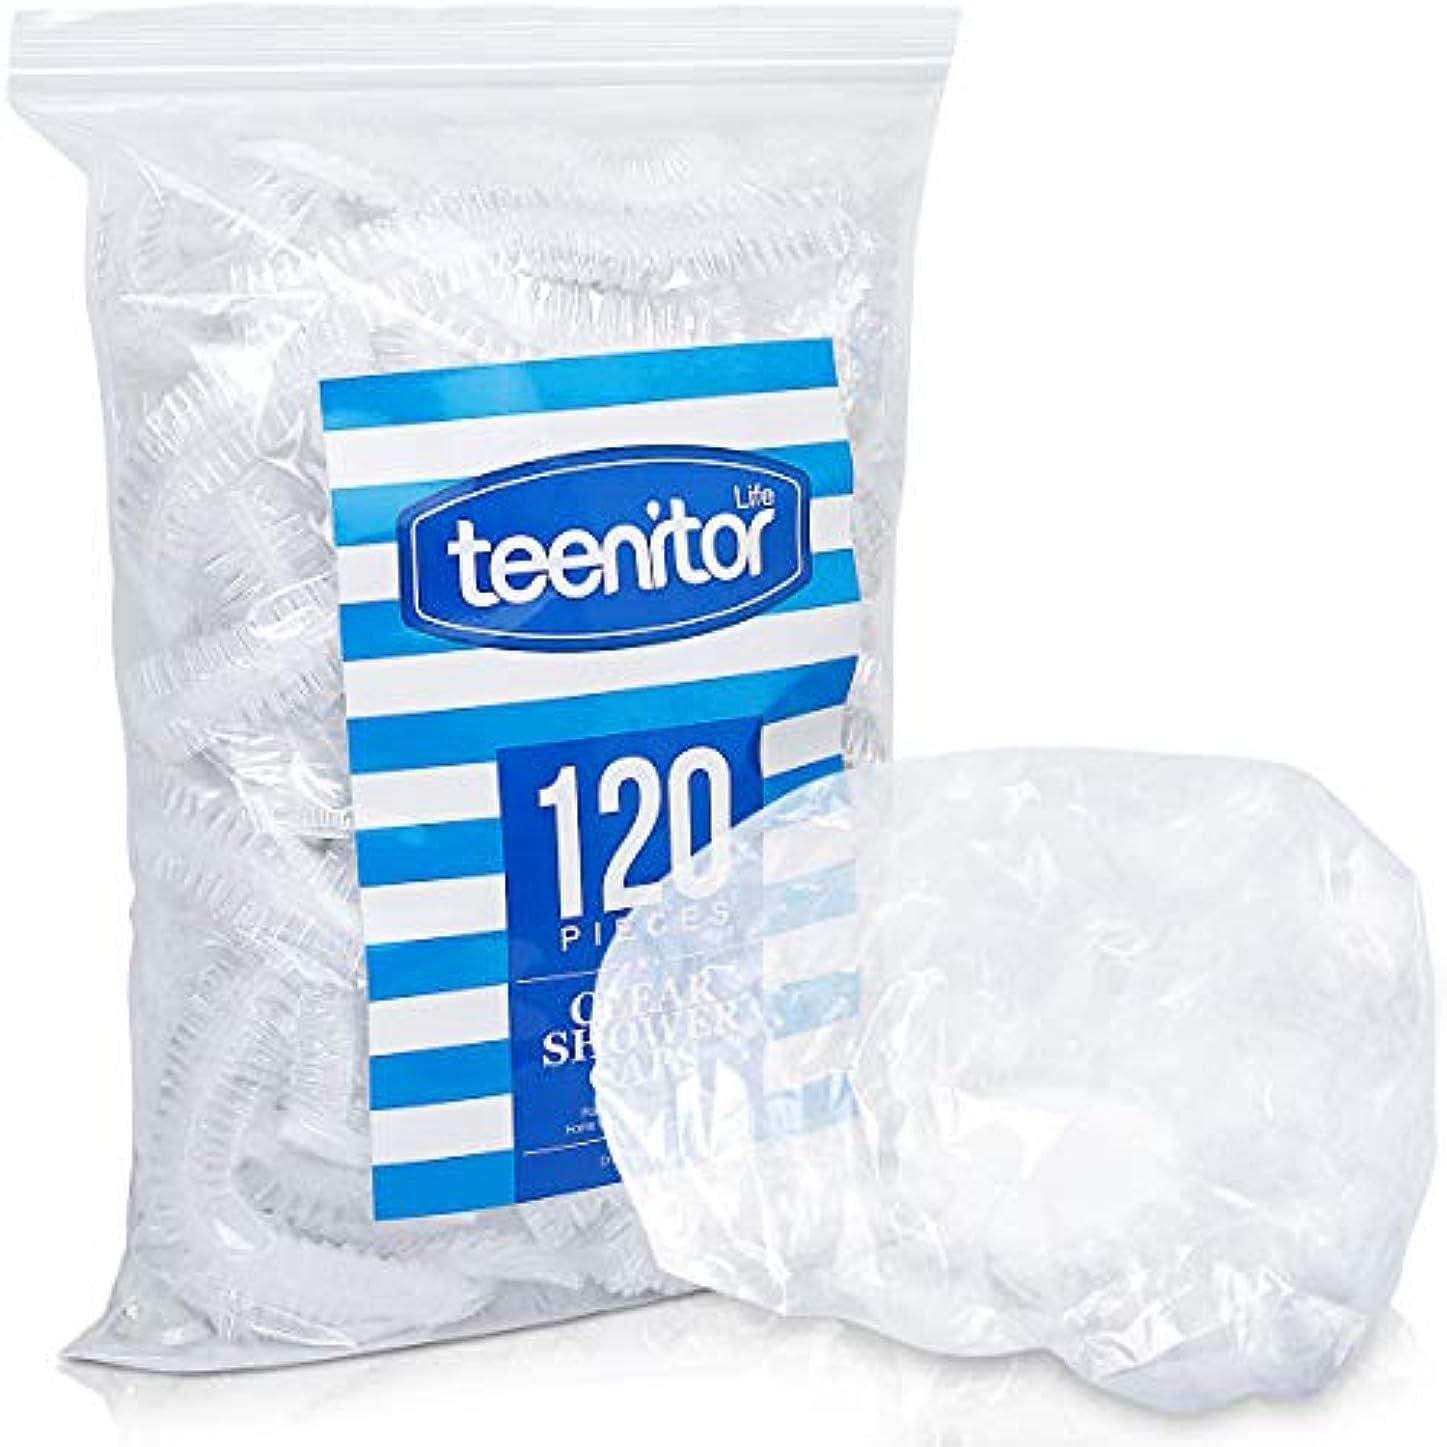 購入スキャン療法Teenitor 使い捨てキャップ シャワーキャップ ヘアキャップ120枚 高品質 髪染め用 ヘアカラー用 サロン用 業務用 フリーサイズ 男女兼用